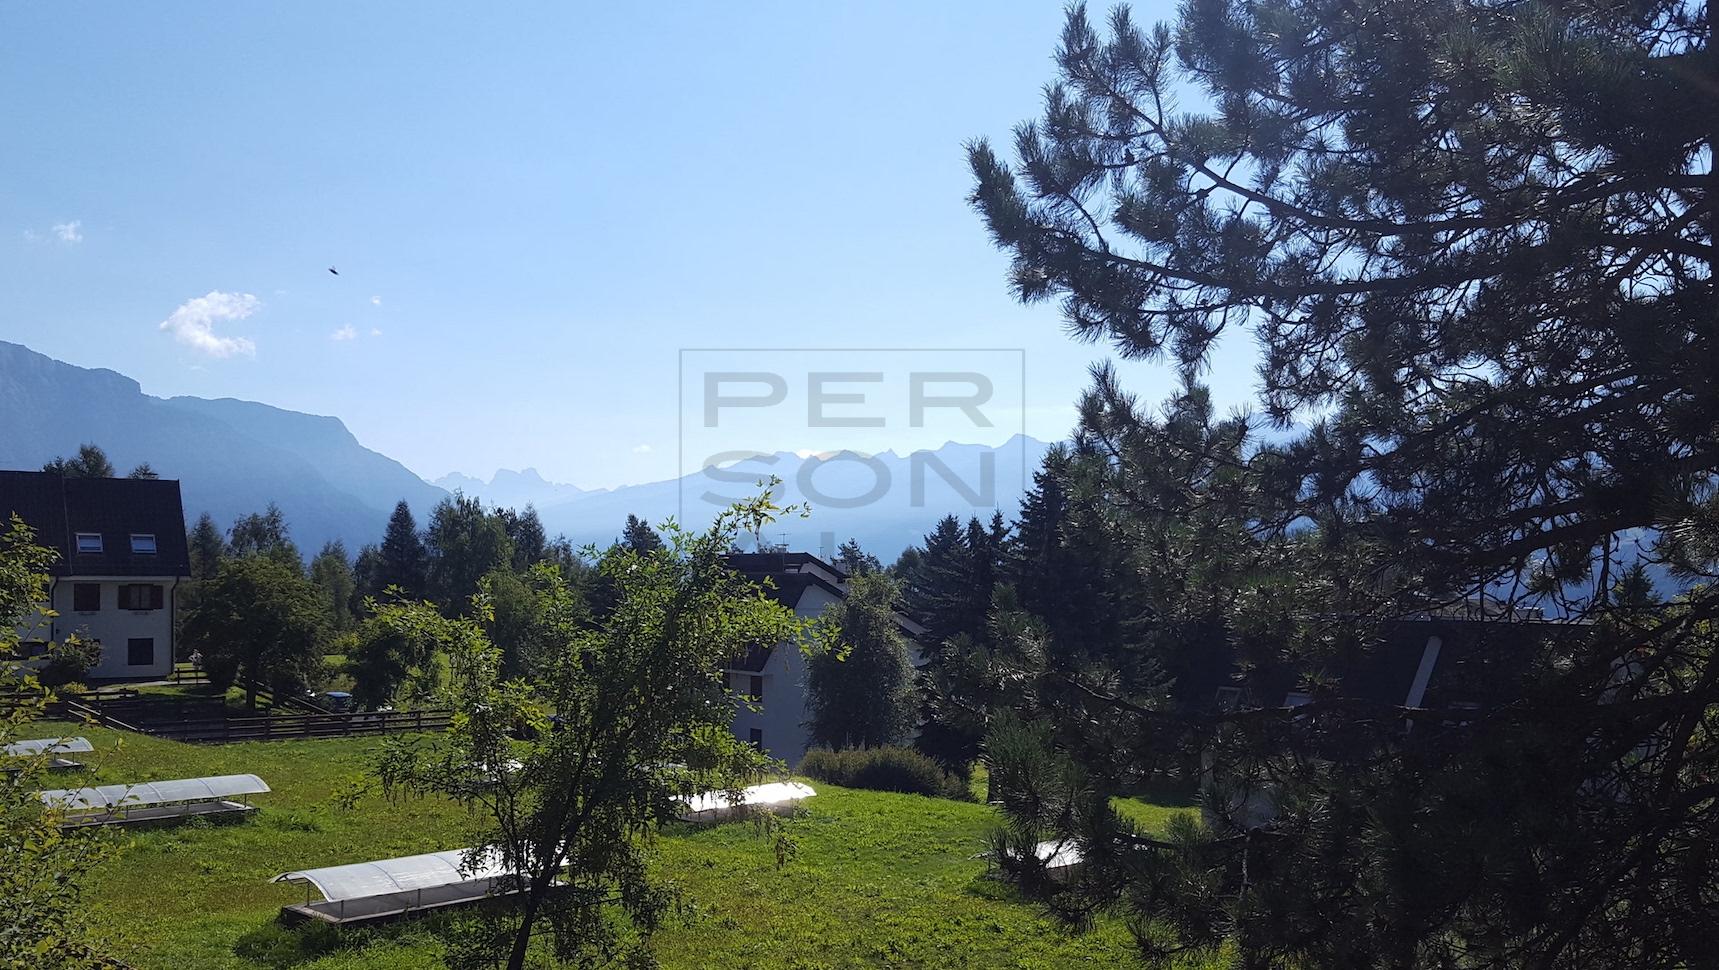 Appartamento in vendita a Carano, 2 locali, zona Zona: Veronza, prezzo € 148.000 | CambioCasa.it